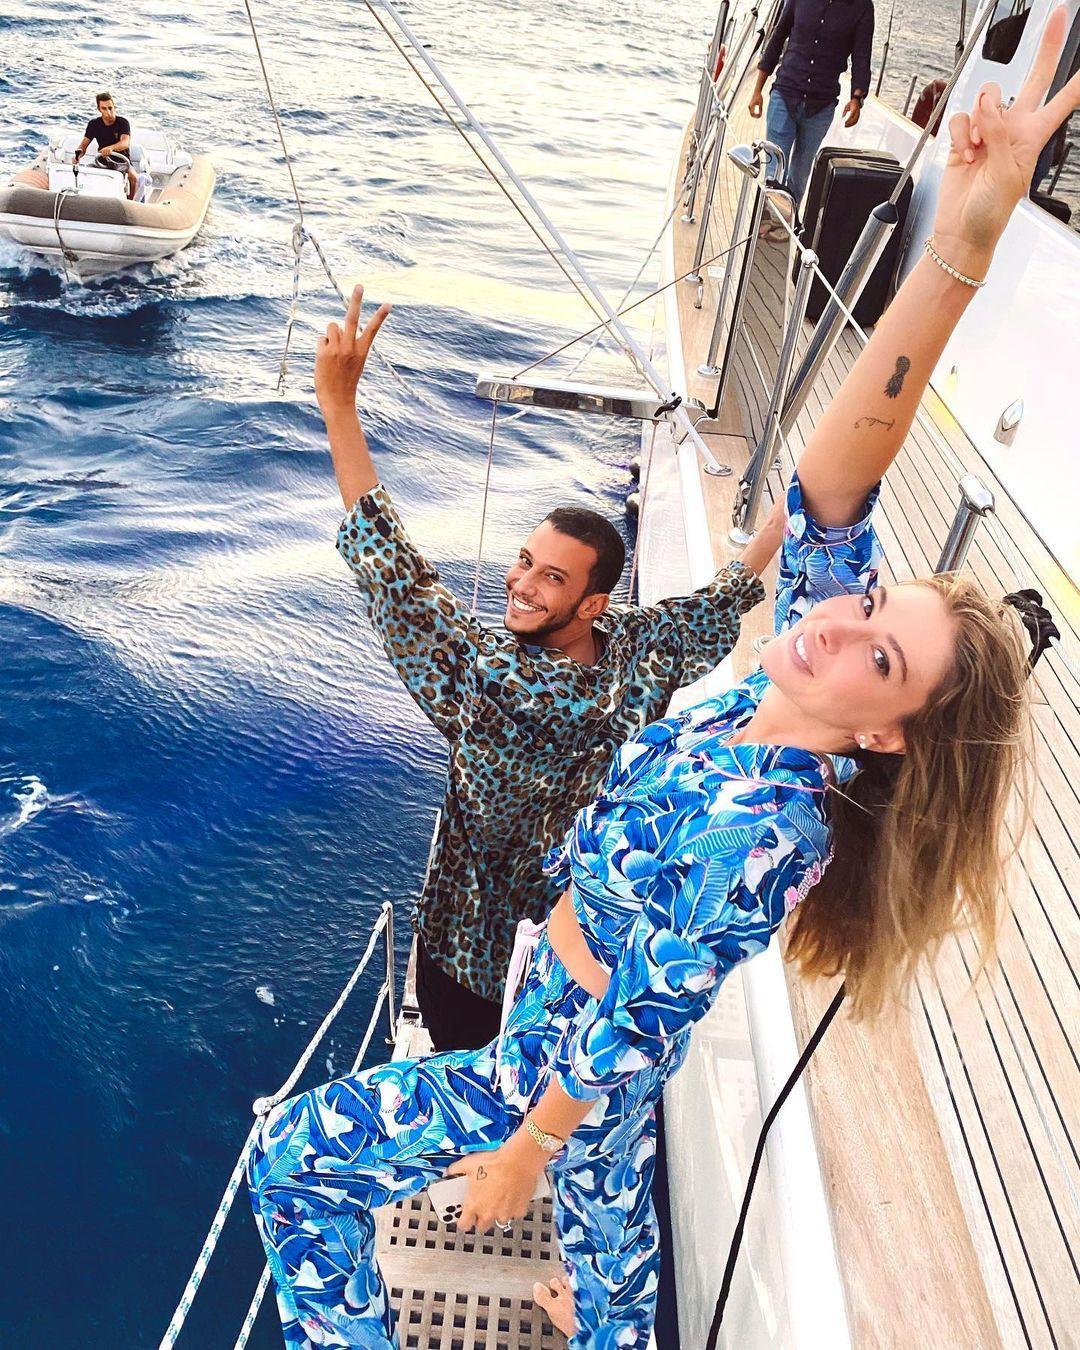 Şeyma Subaşı ve sevgilisi Mısır'da aşka geldi! Plajda öpüştükleri anları paylaştı... - Sayfa 4